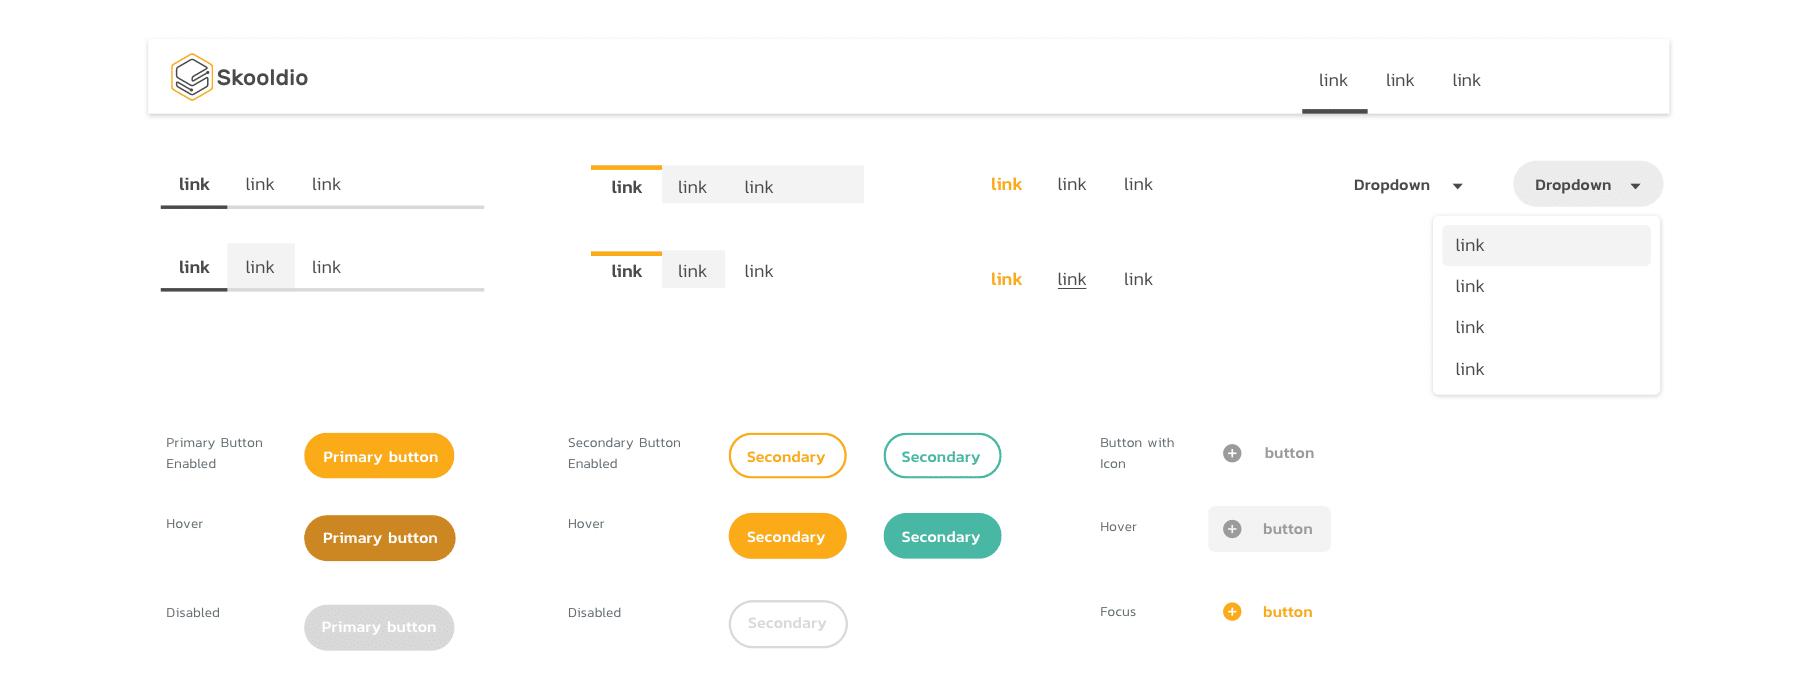 Skooldio Design System